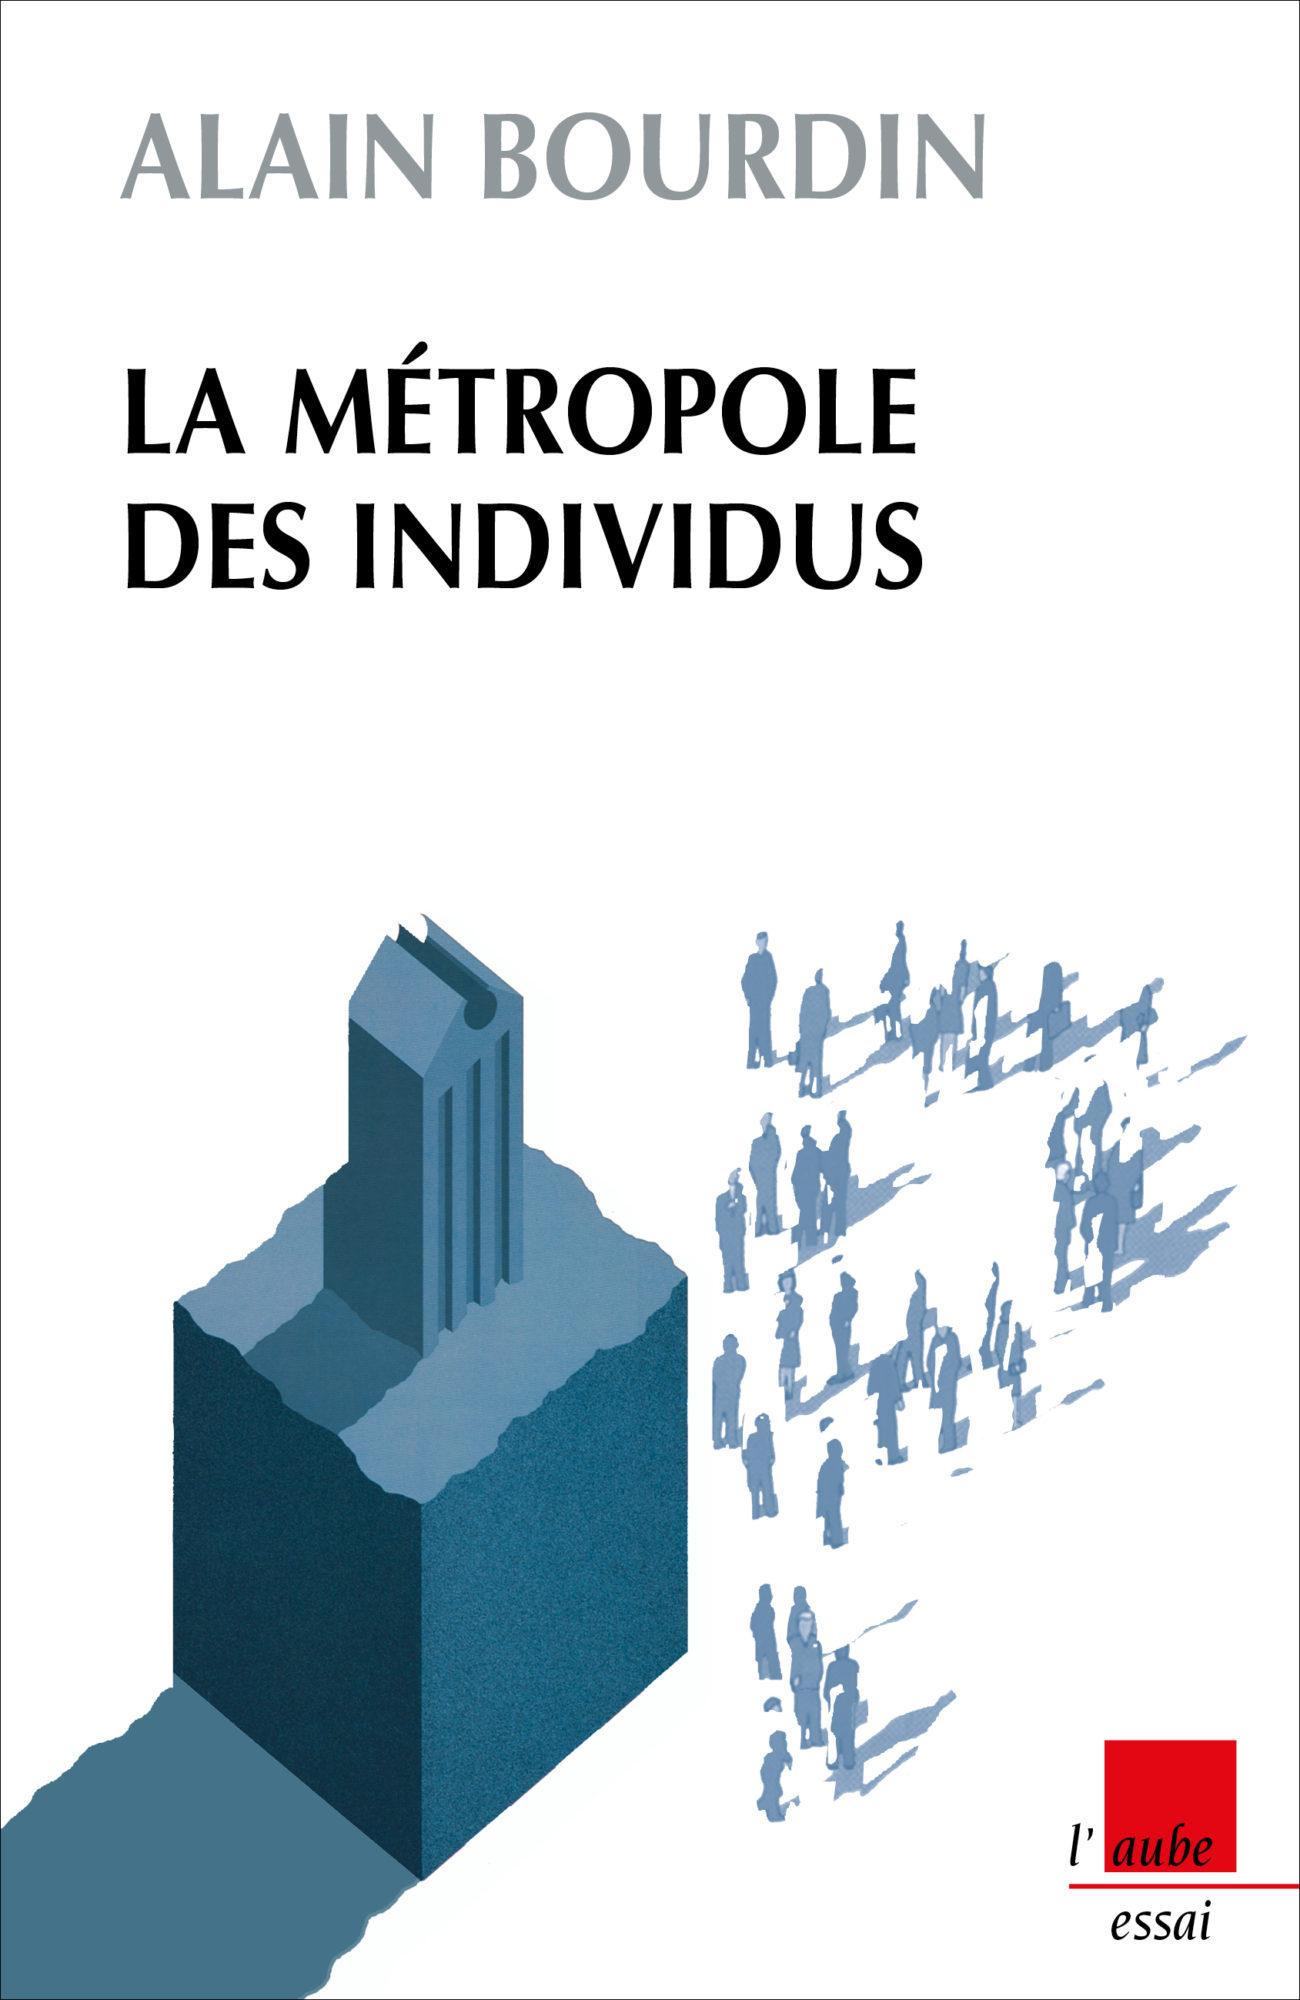 La métropole des individus